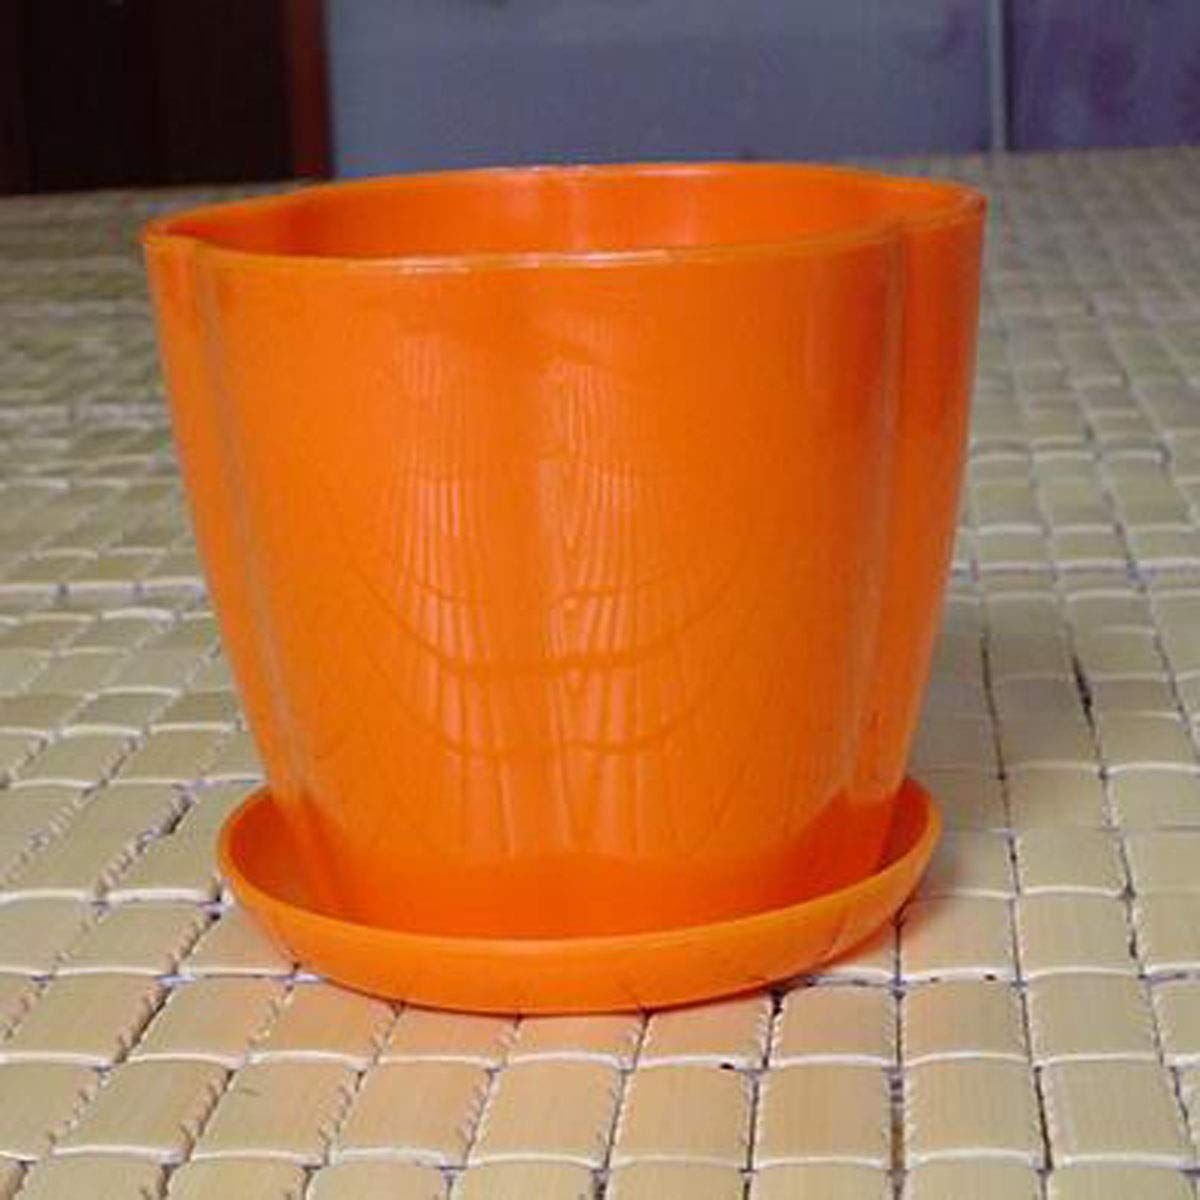 植木鉢、グリーン大根プラスチック植木鉢ラウンド特大バルコニーシンプル肉肥厚クリエイティブ家庭用植木鉢トレイ、10セット (Color : Orange, Size : 13*12cm) B07RV2MDRX Orange 13*12cm